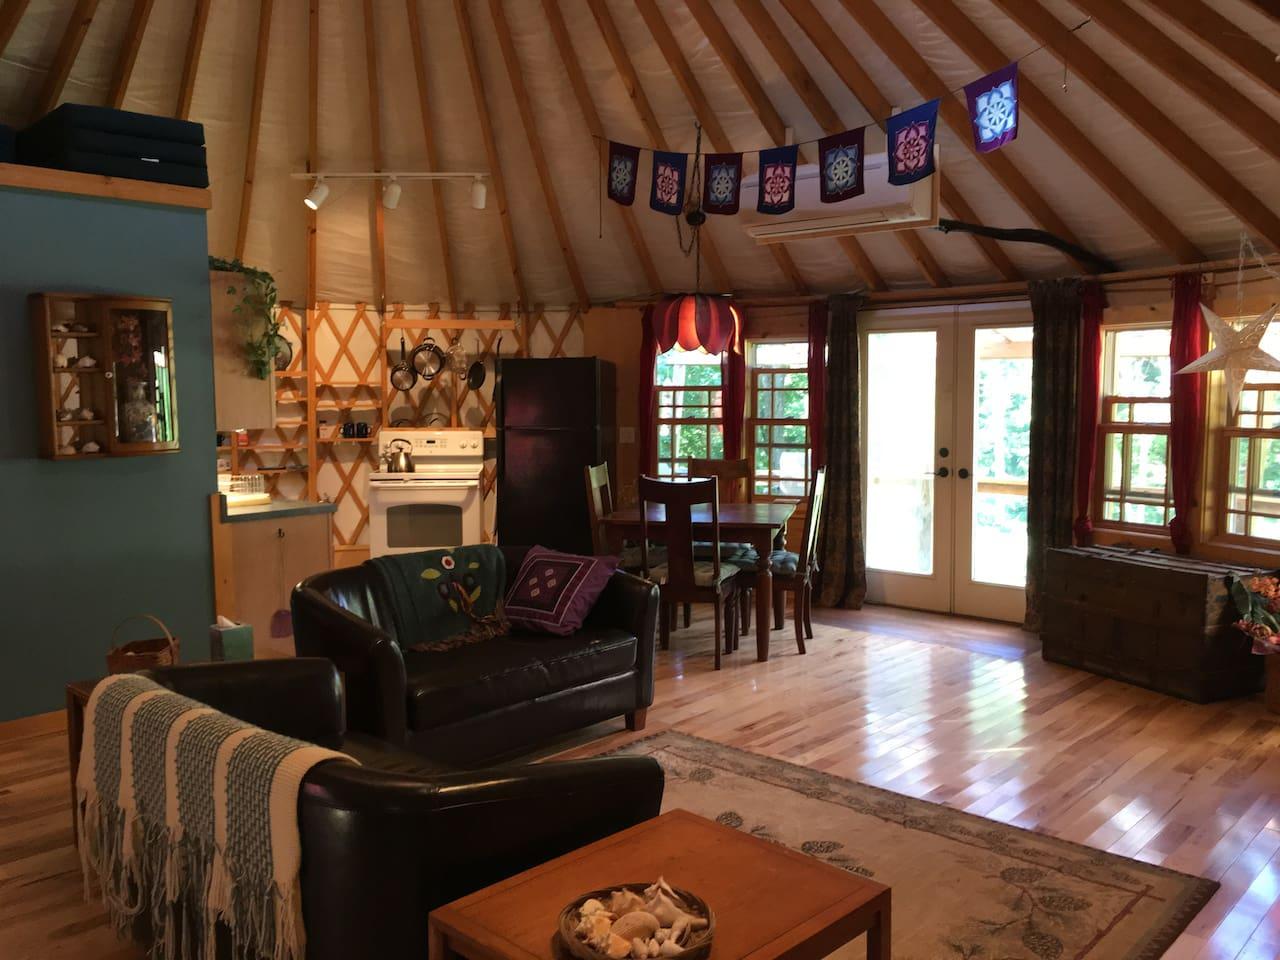 Yurt Glamping near Asheville NC